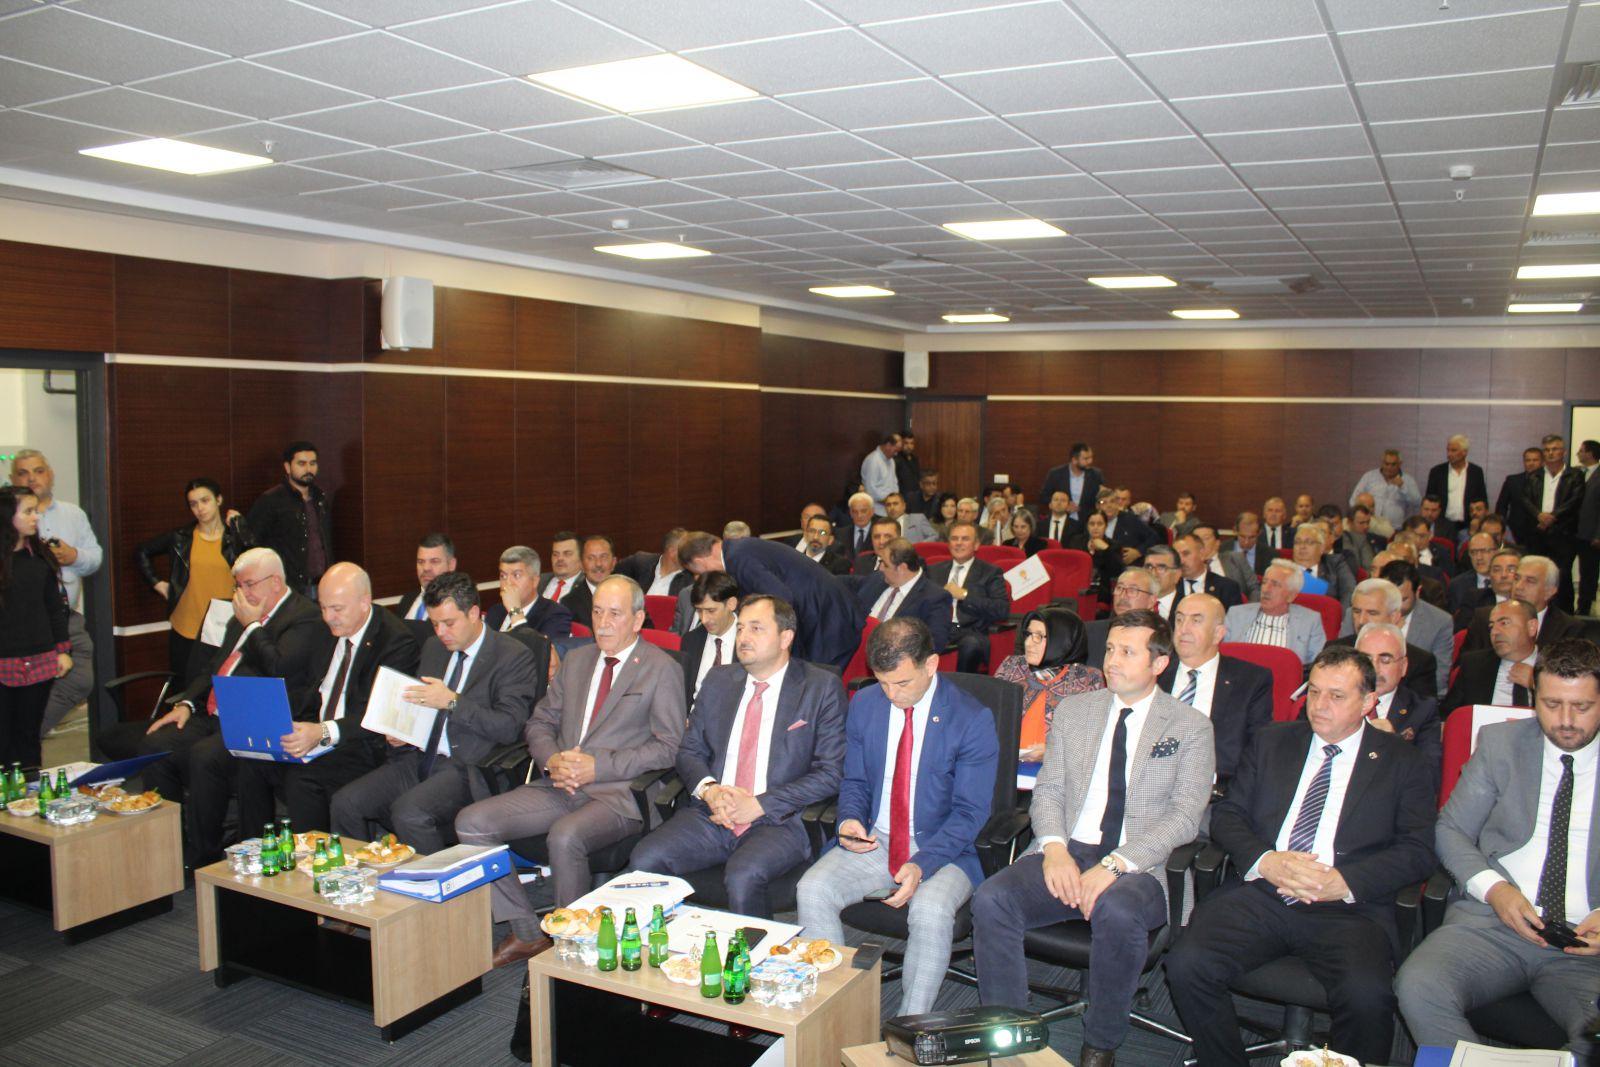 Tekirdağ Büyükşehir Belediyesi Kasım Ayı Meclis Toplantısı Marmara Ereğlisi'nde Yapıldı.